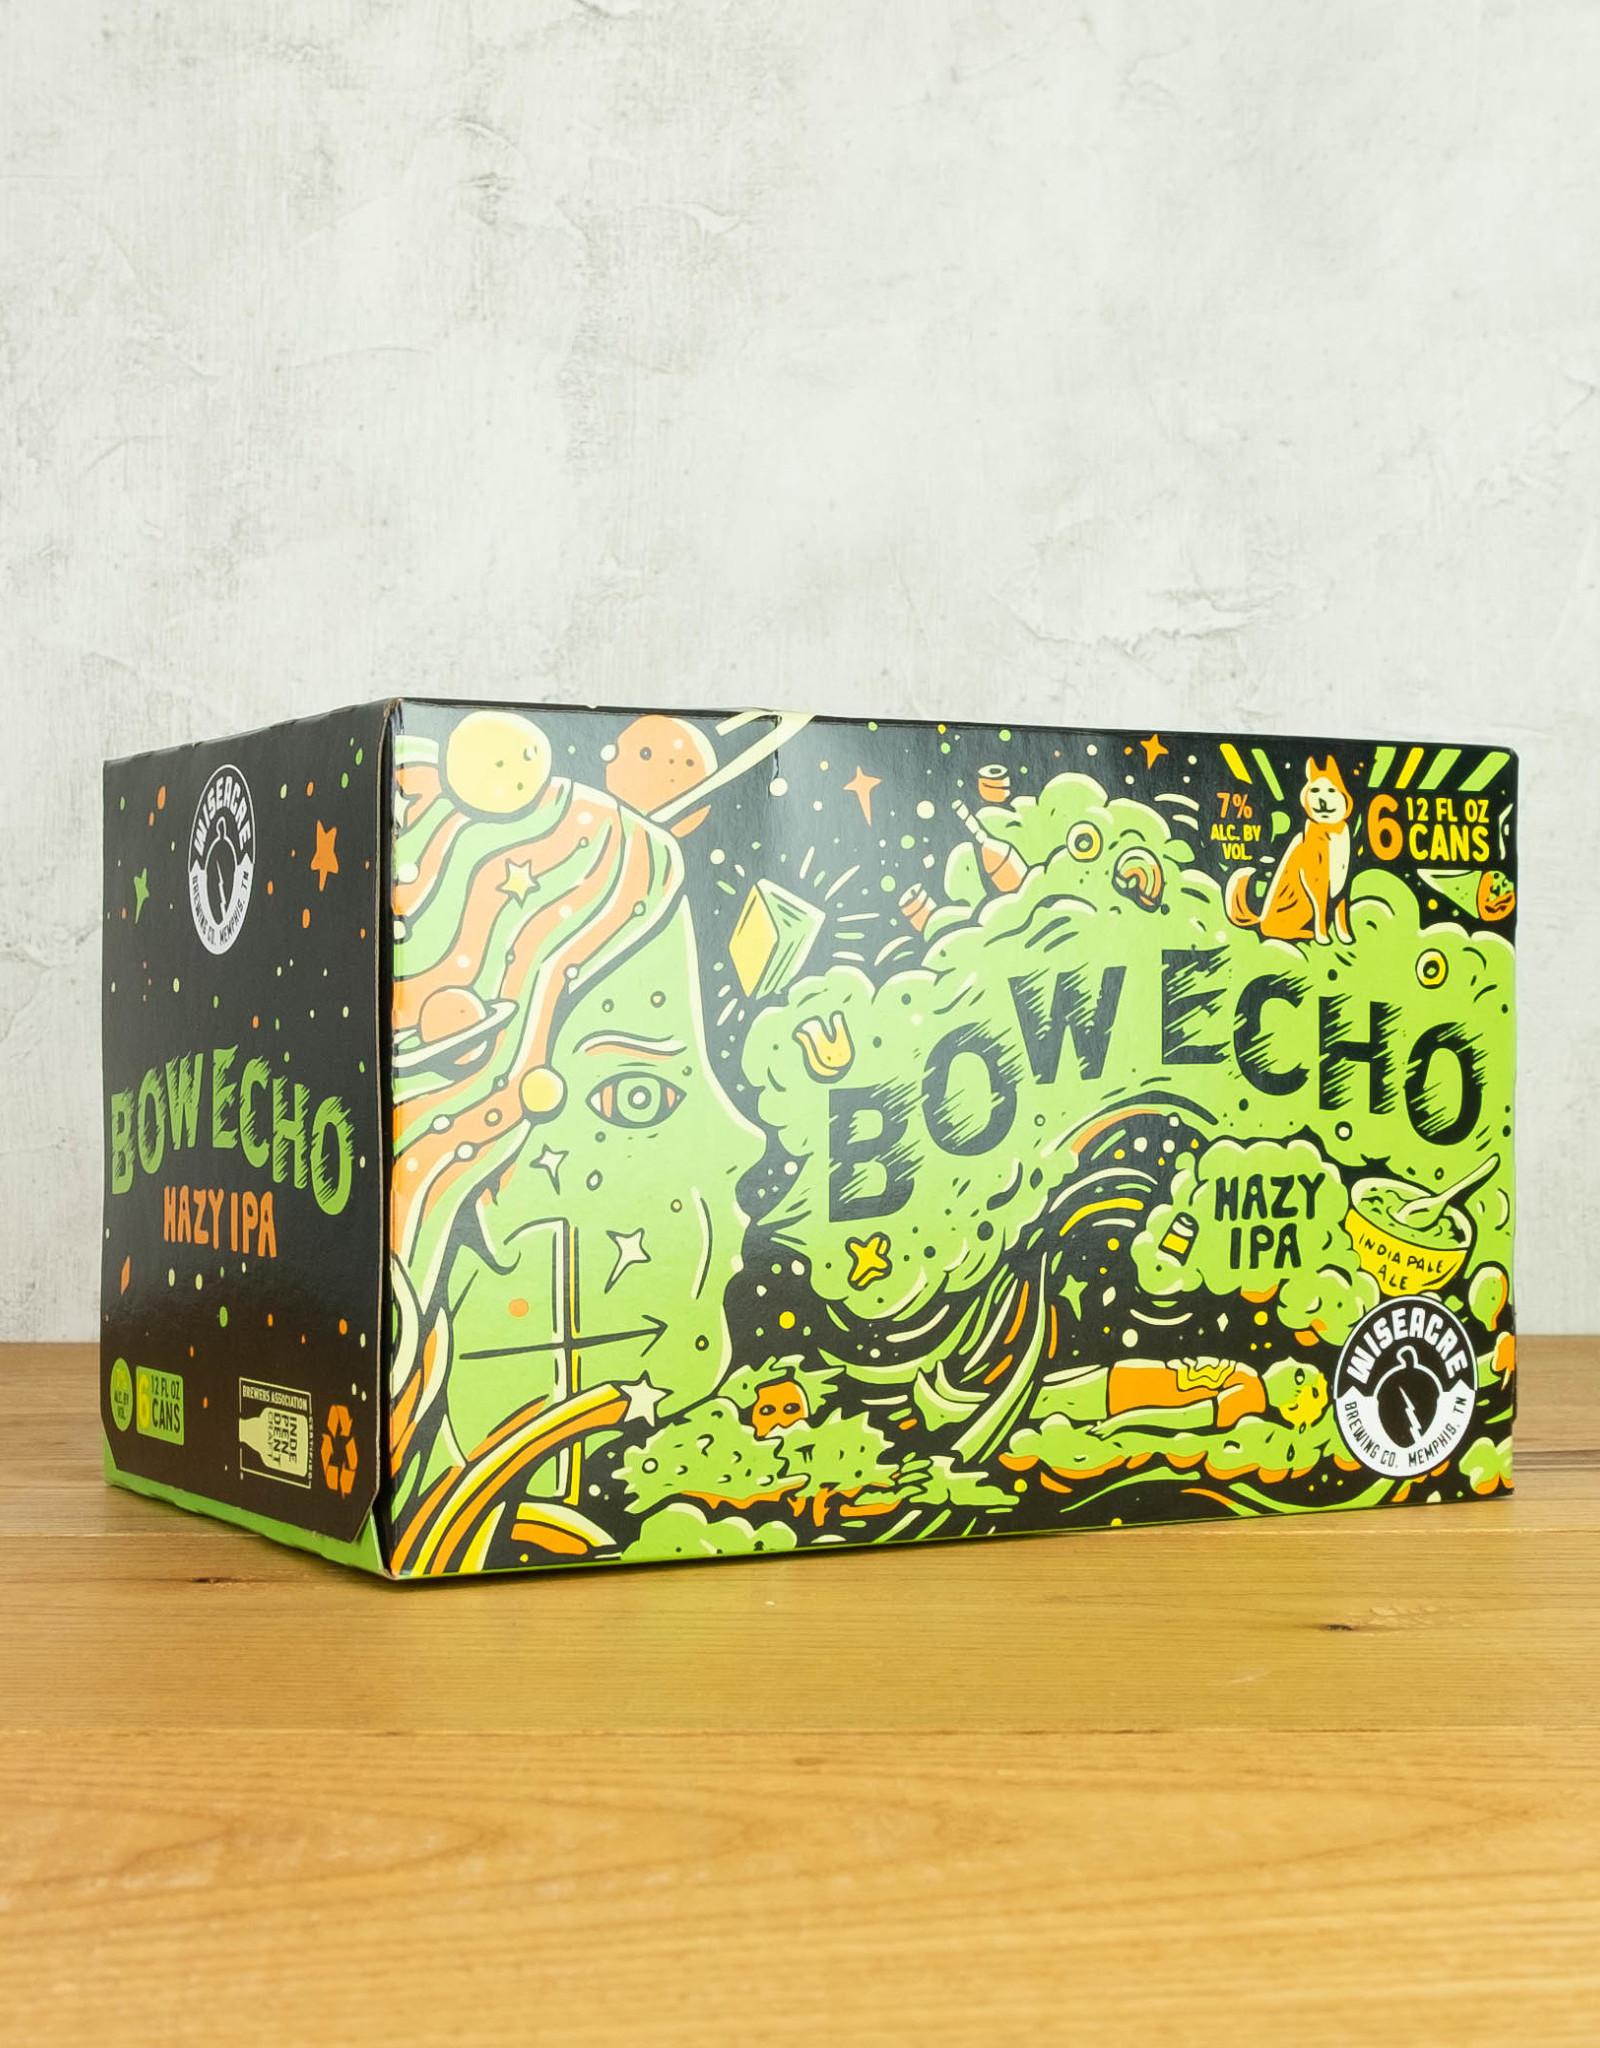 Wiseacre Bow Echo Hazy IPA 6pk